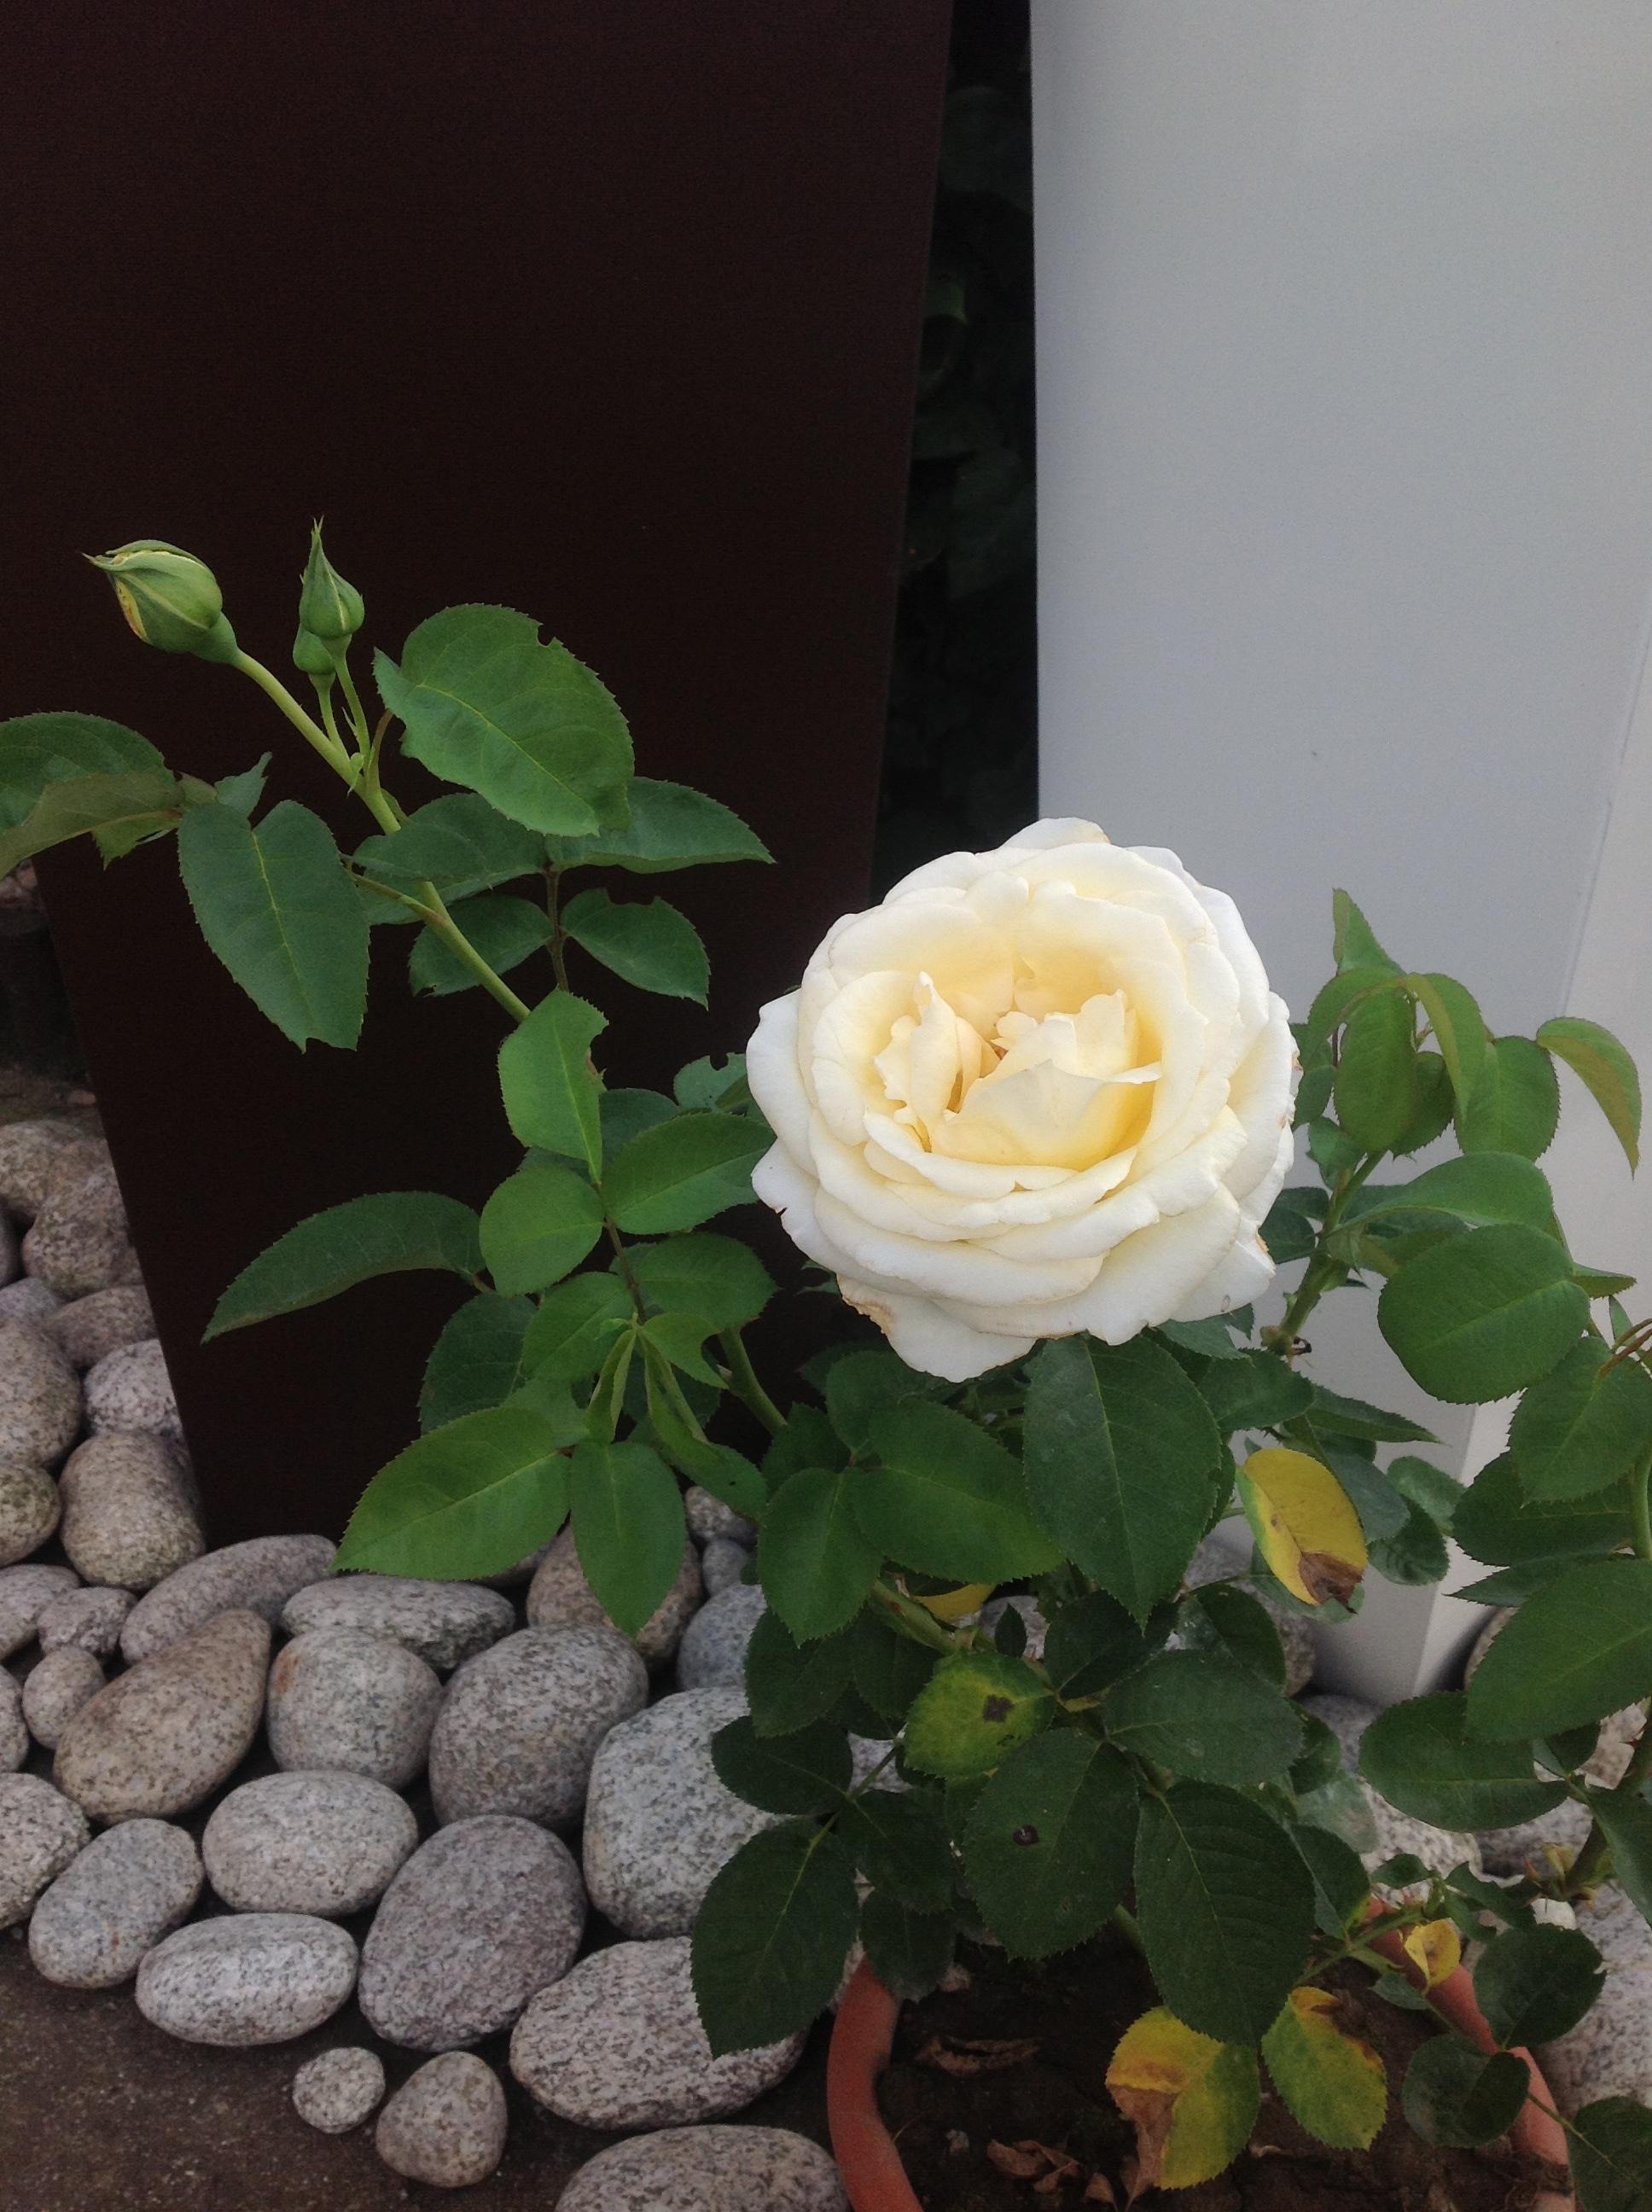 Roczny Chopin zakwitł pierwszym kwiatem